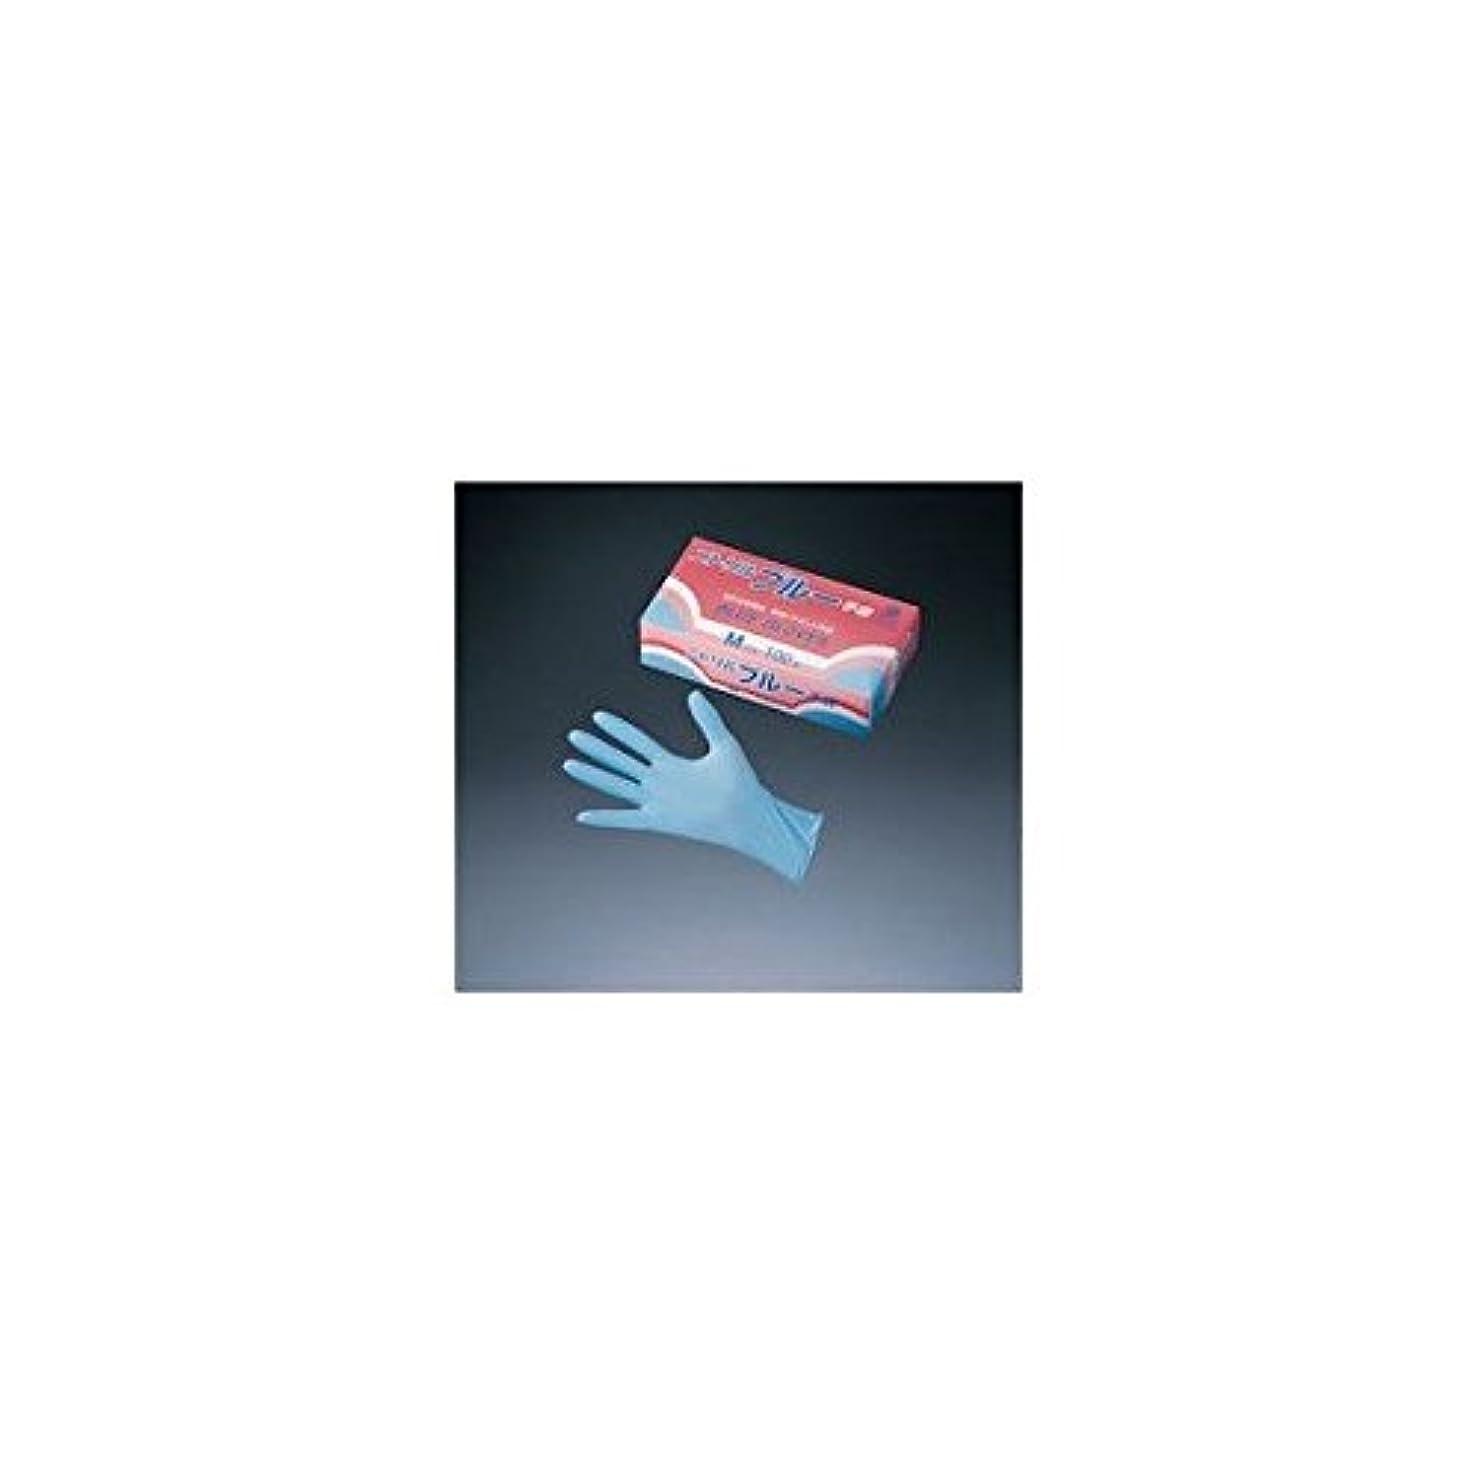 防止試す推定する旭創業 ニトリルグローブ ブルー (100枚セット) S